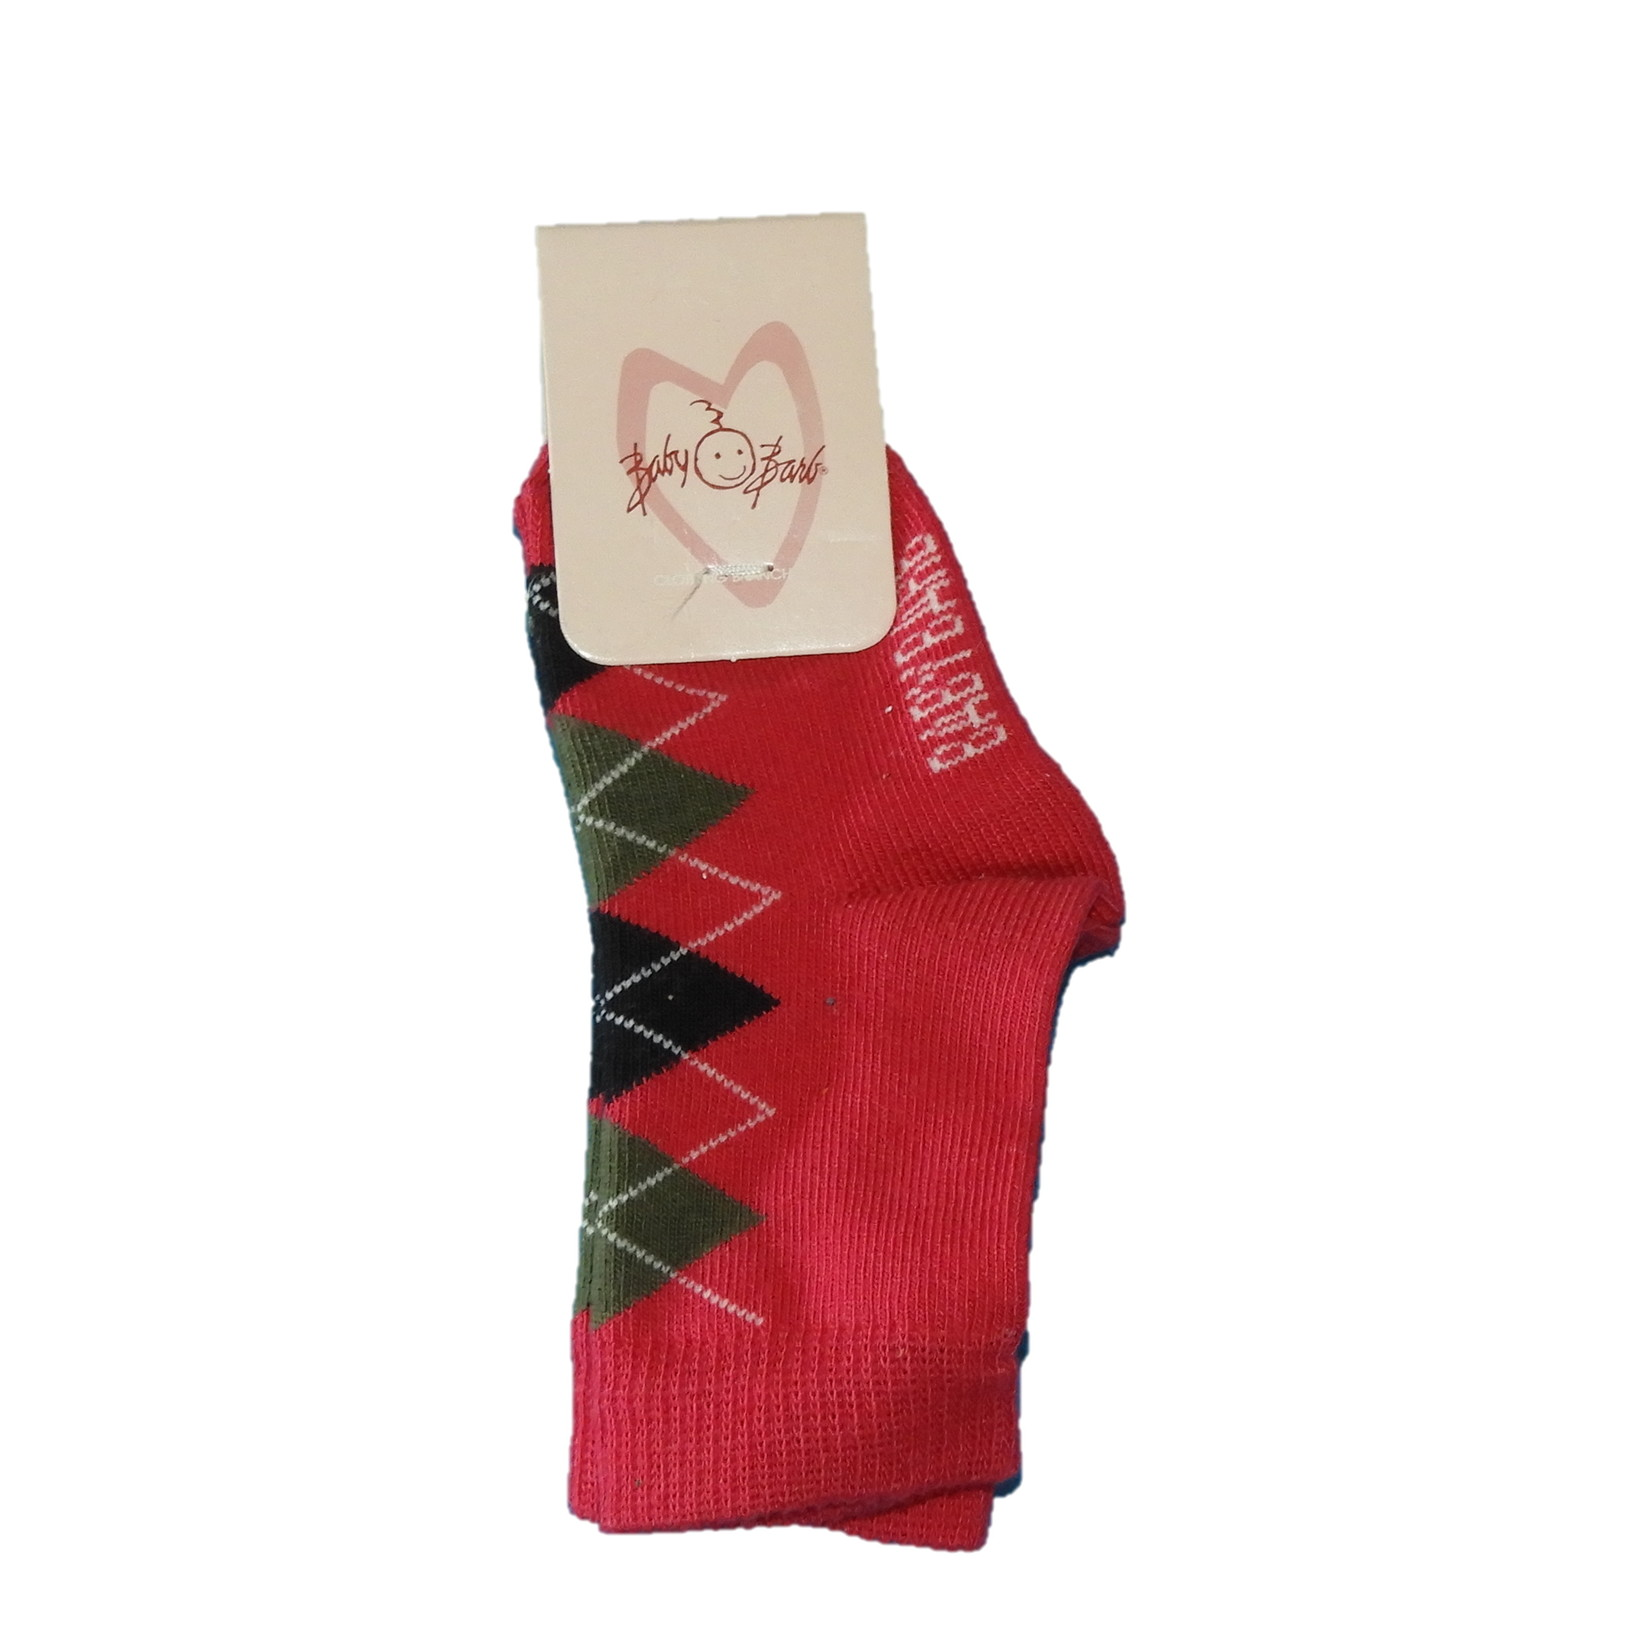 Barbara Farber sokken maat 74/80